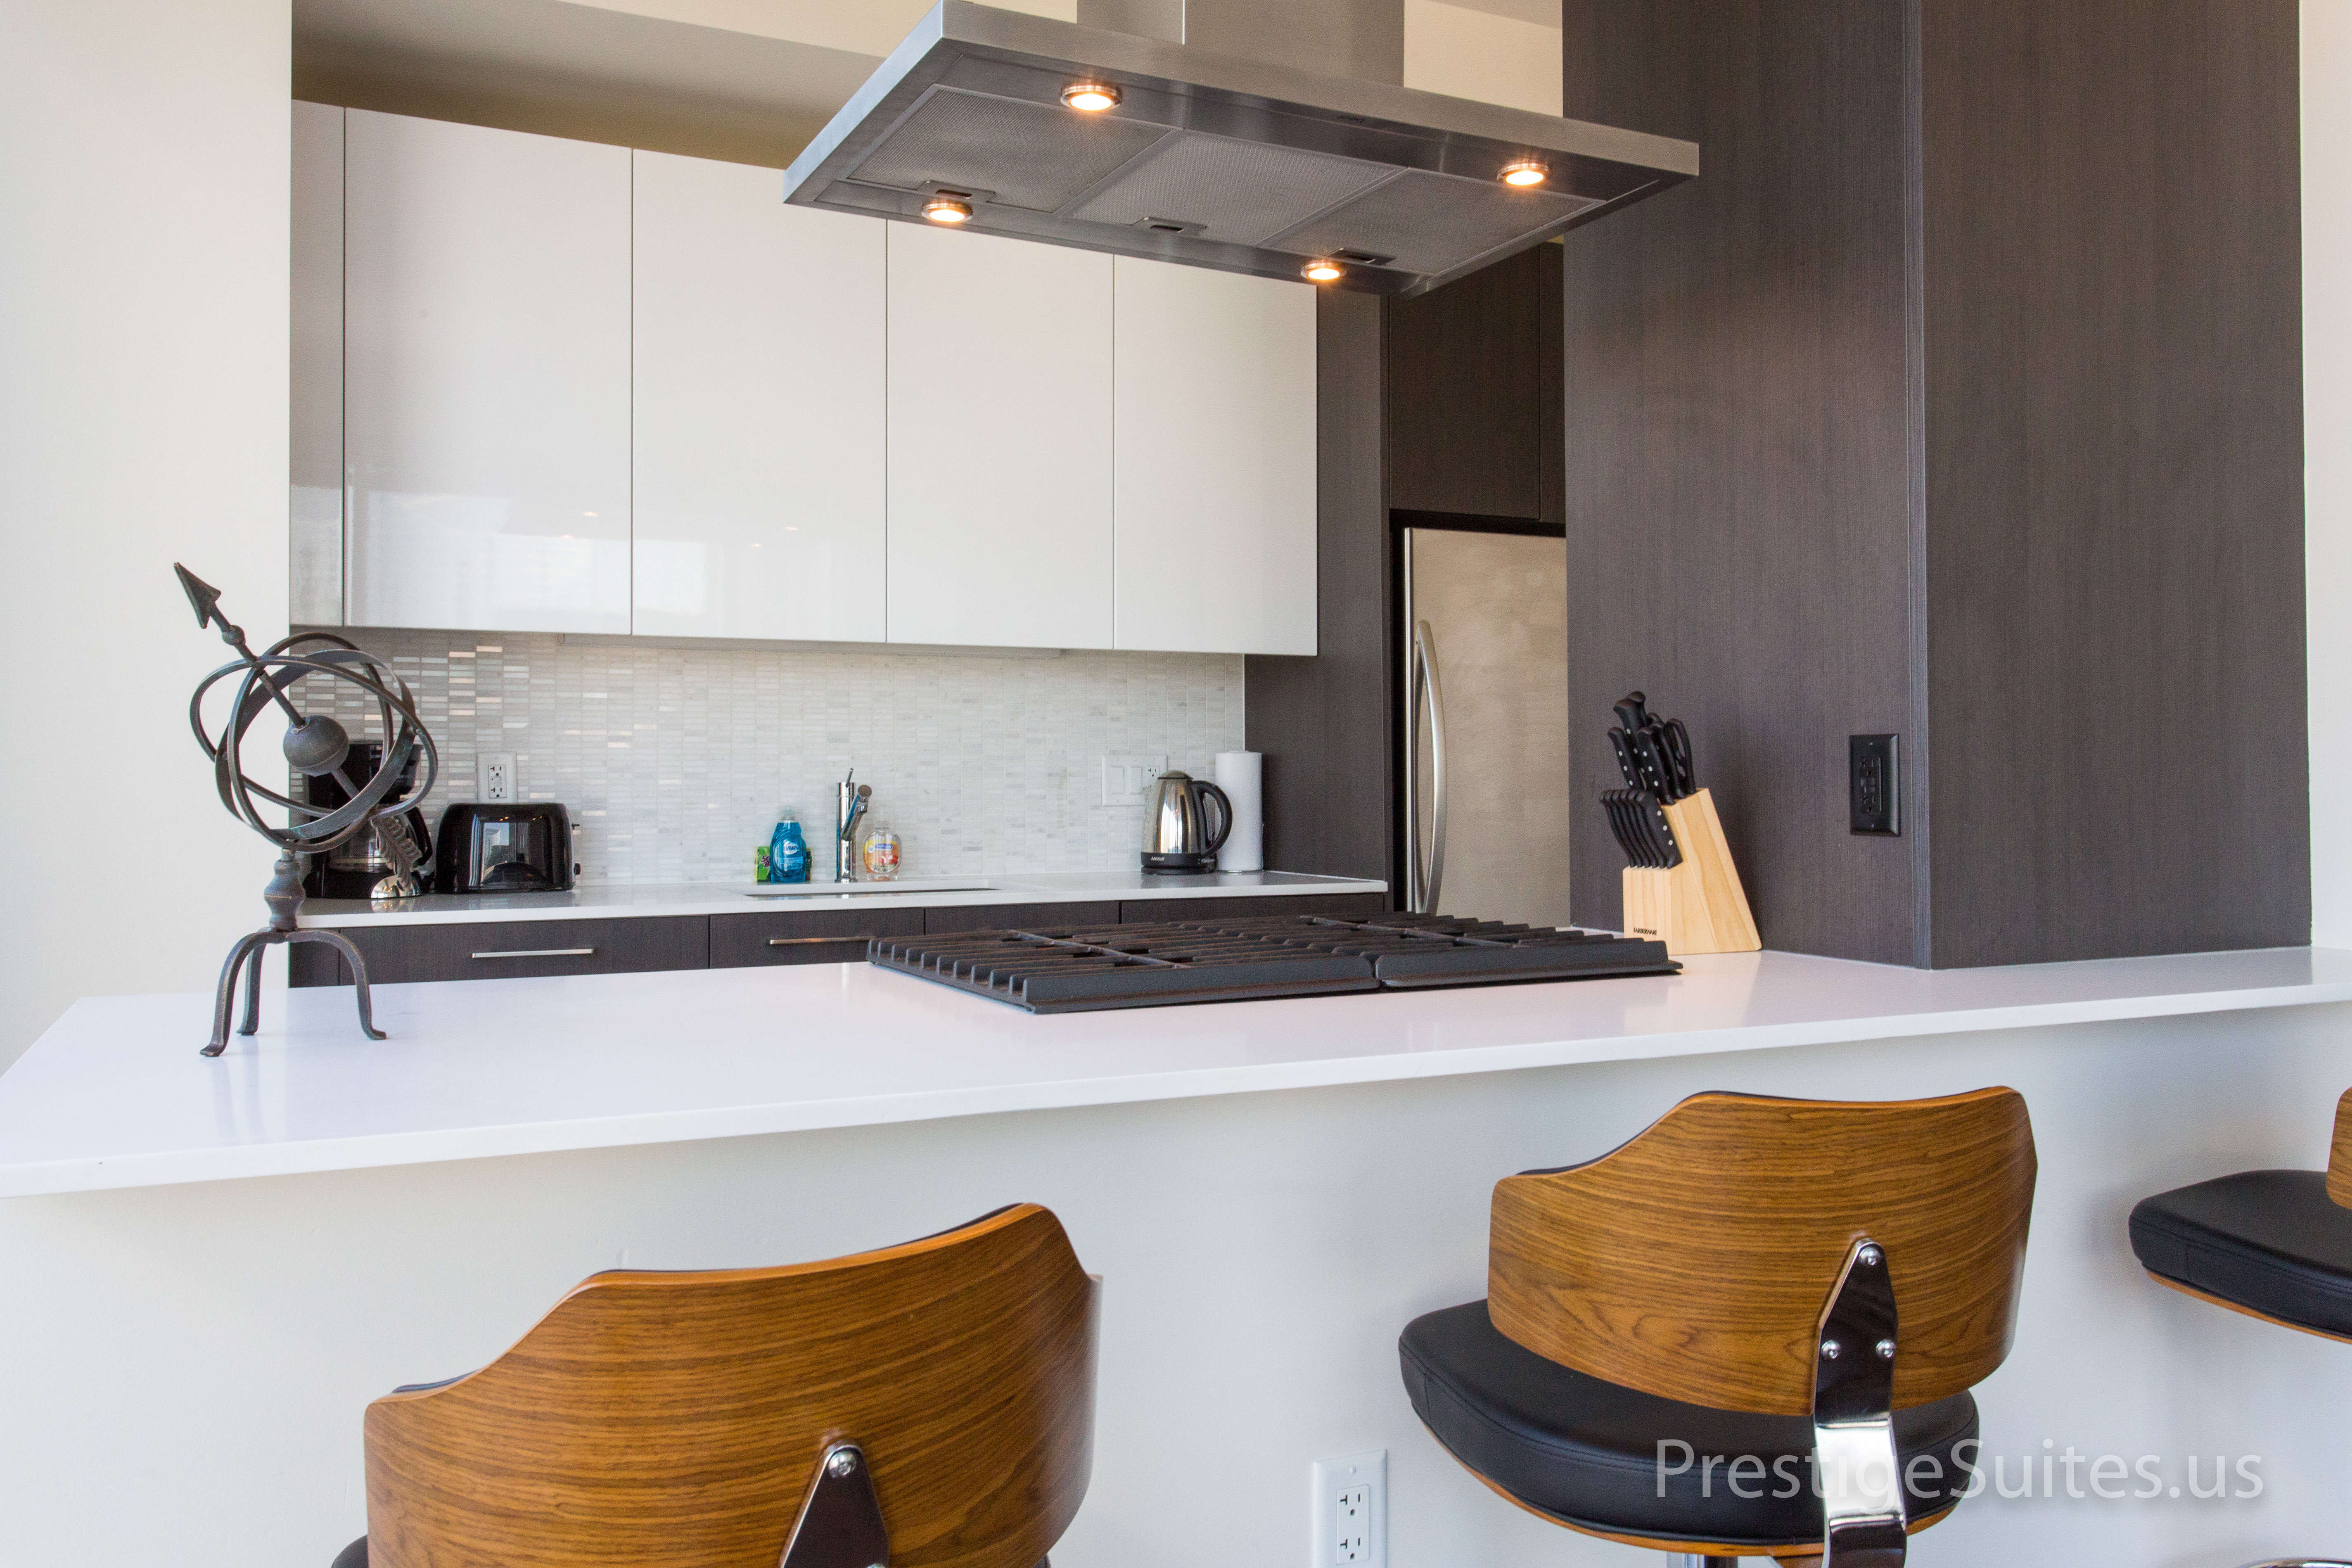 Prestige Suites 111 W Wacker 3904_011